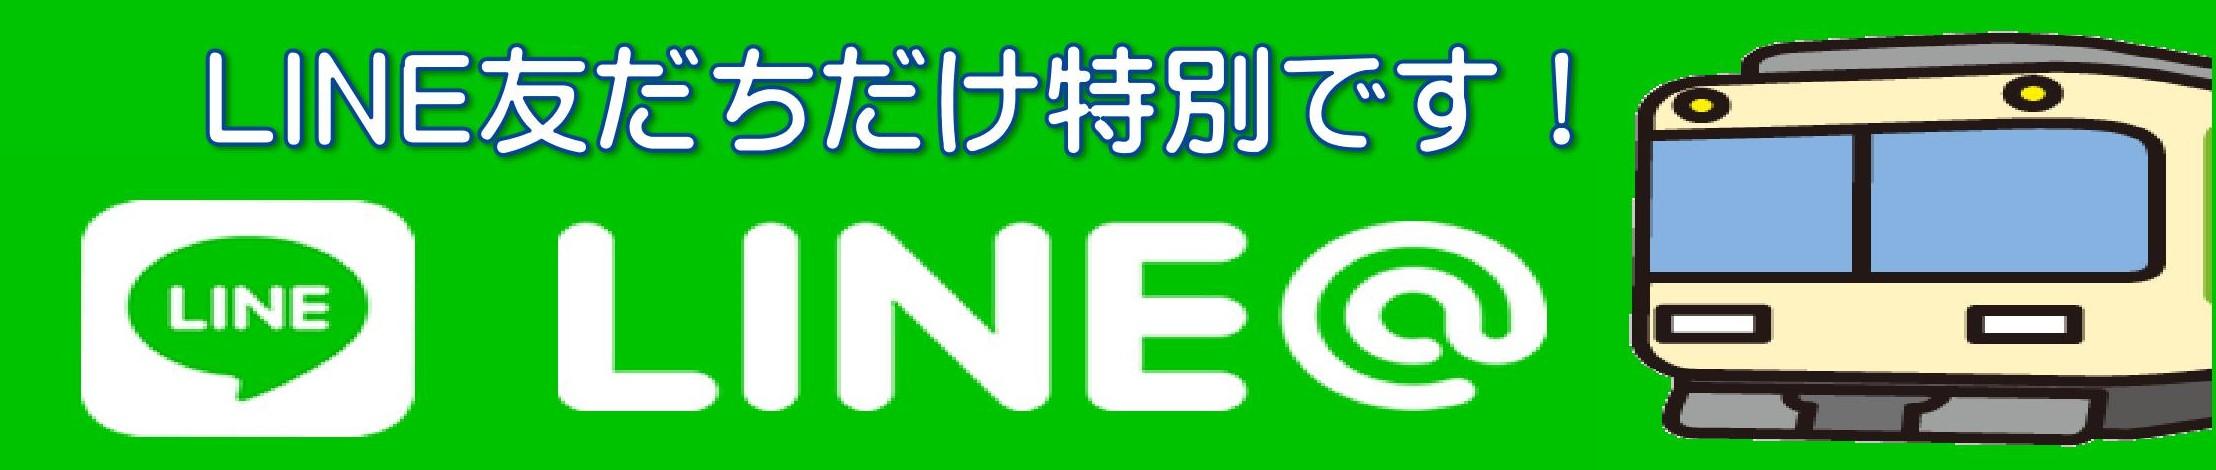 豊橋金券ショップフリーチケット|LINE友だち